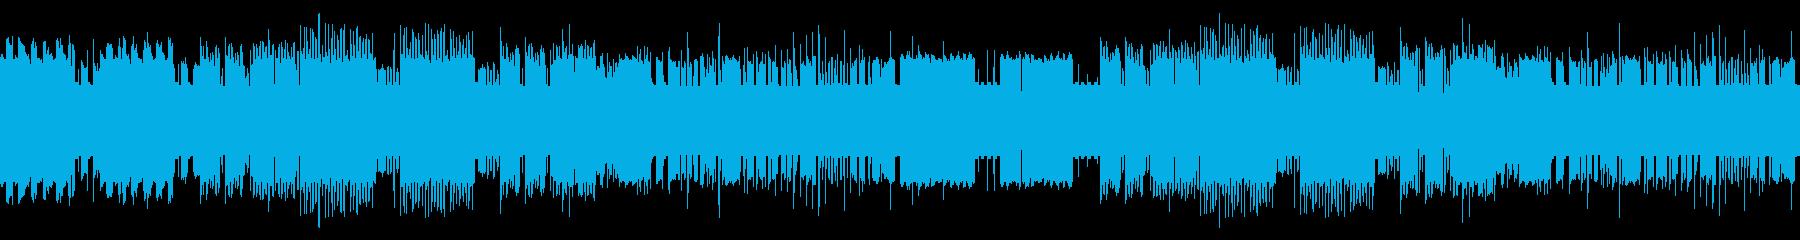 明るくてワクワクする8bitの曲の再生済みの波形